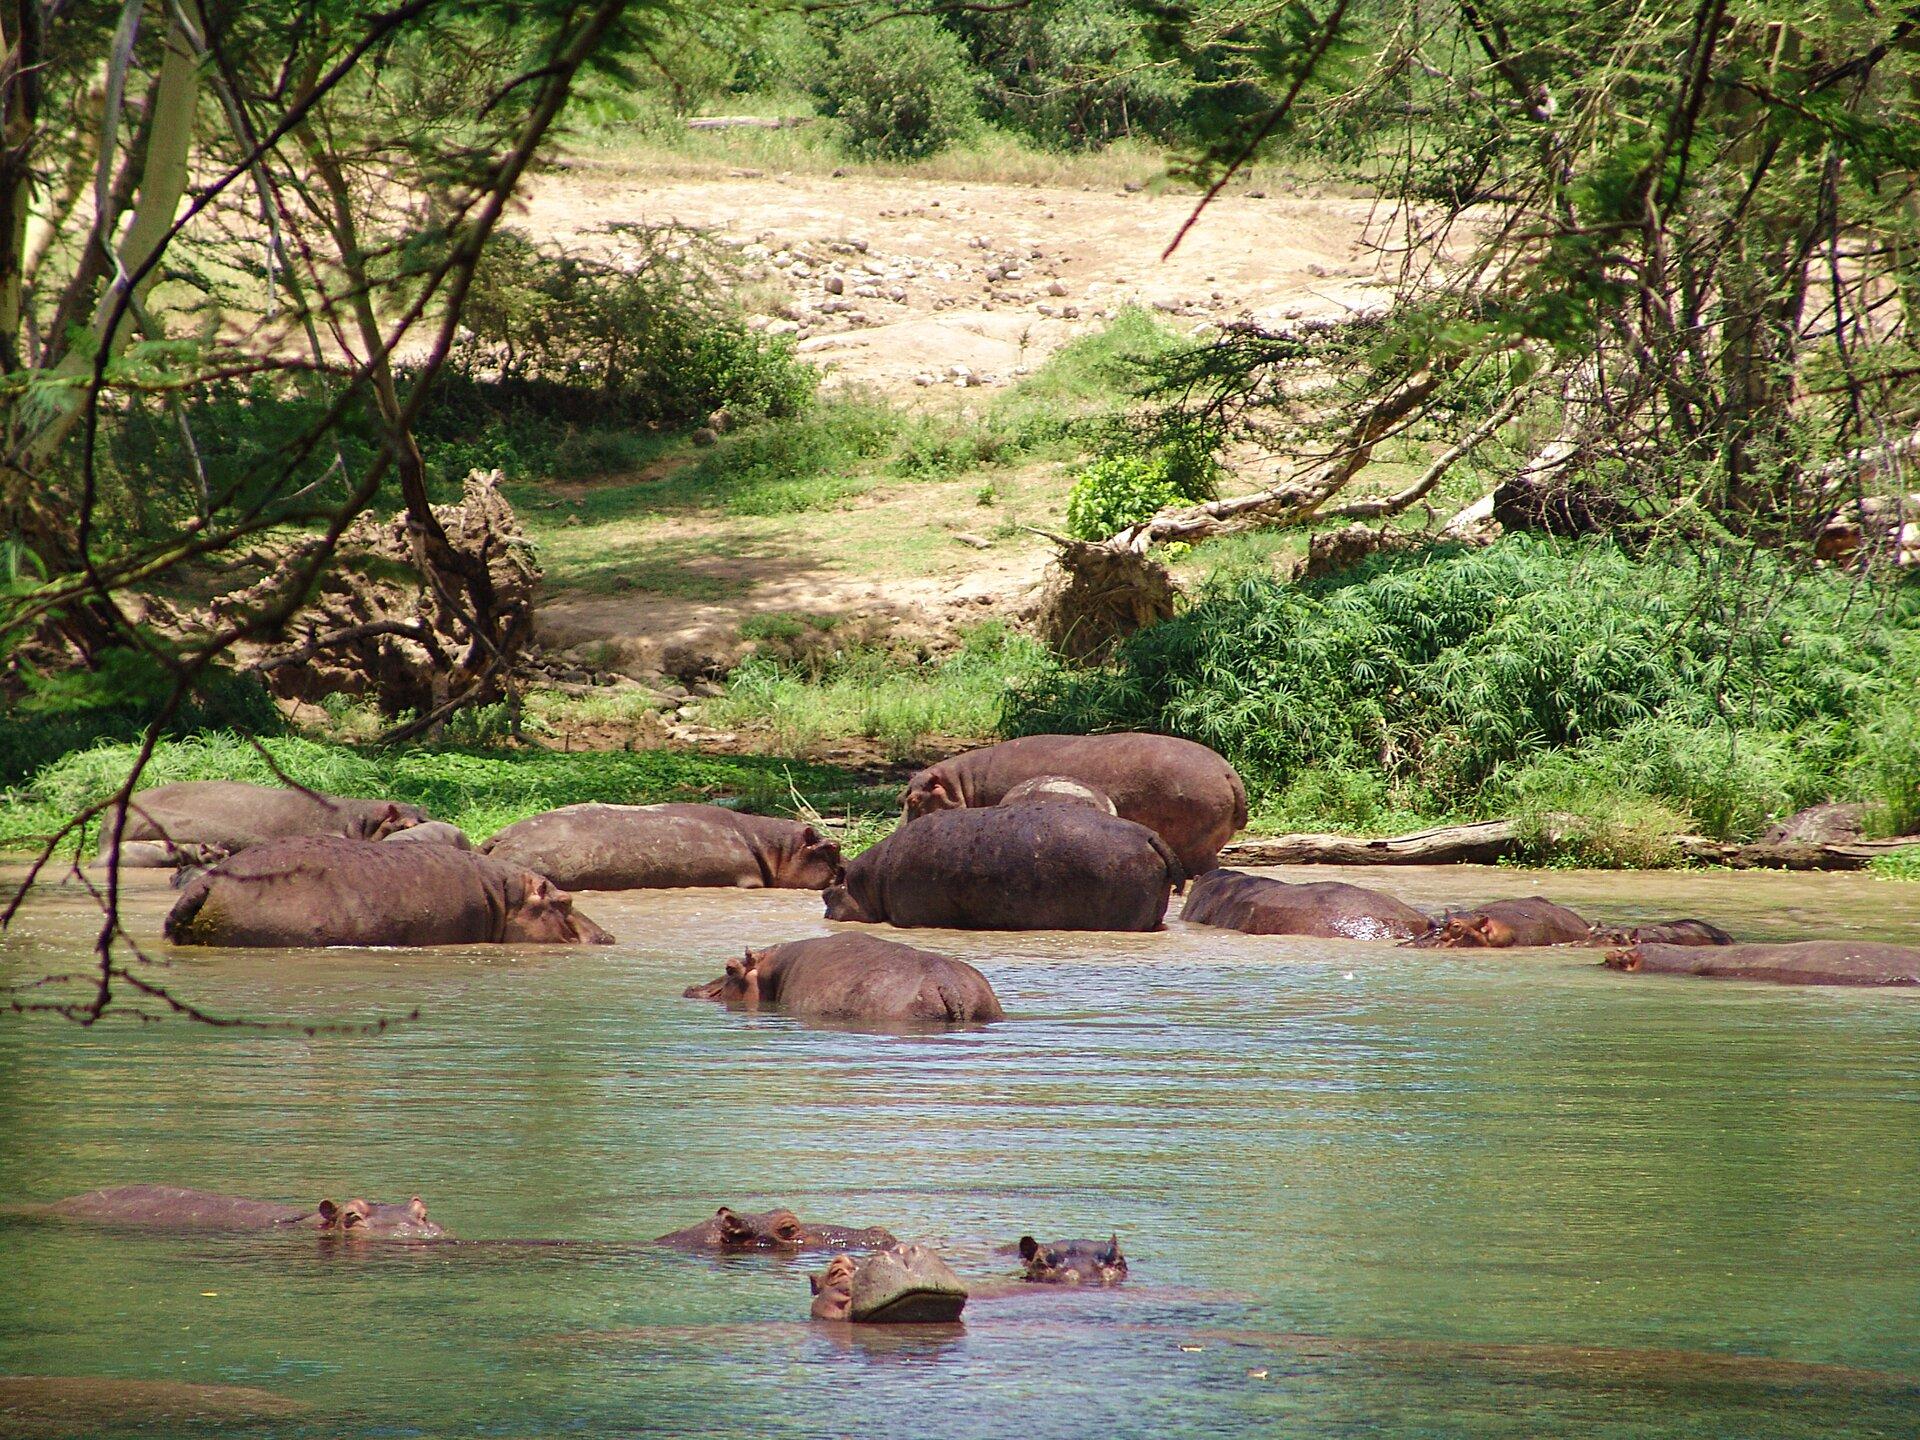 Fotografia przedstawia stadko hipopotamów wrzece. Część zwierząt leży zanurzona wwodzie, trzymając ponad powierzchnią oczy, nozdrza iuszy. Te bliżej brzegu są wynurzone do połowy. Mają podłużne, klocowate ciała na krótkich nogach. Na brzegu znajduje się wydeptana przez nie ścieżka między gęstymi roślinami ikilkoma drzewami ze zwisającymi gałęziami. Wyżej piaszczysta łacha.